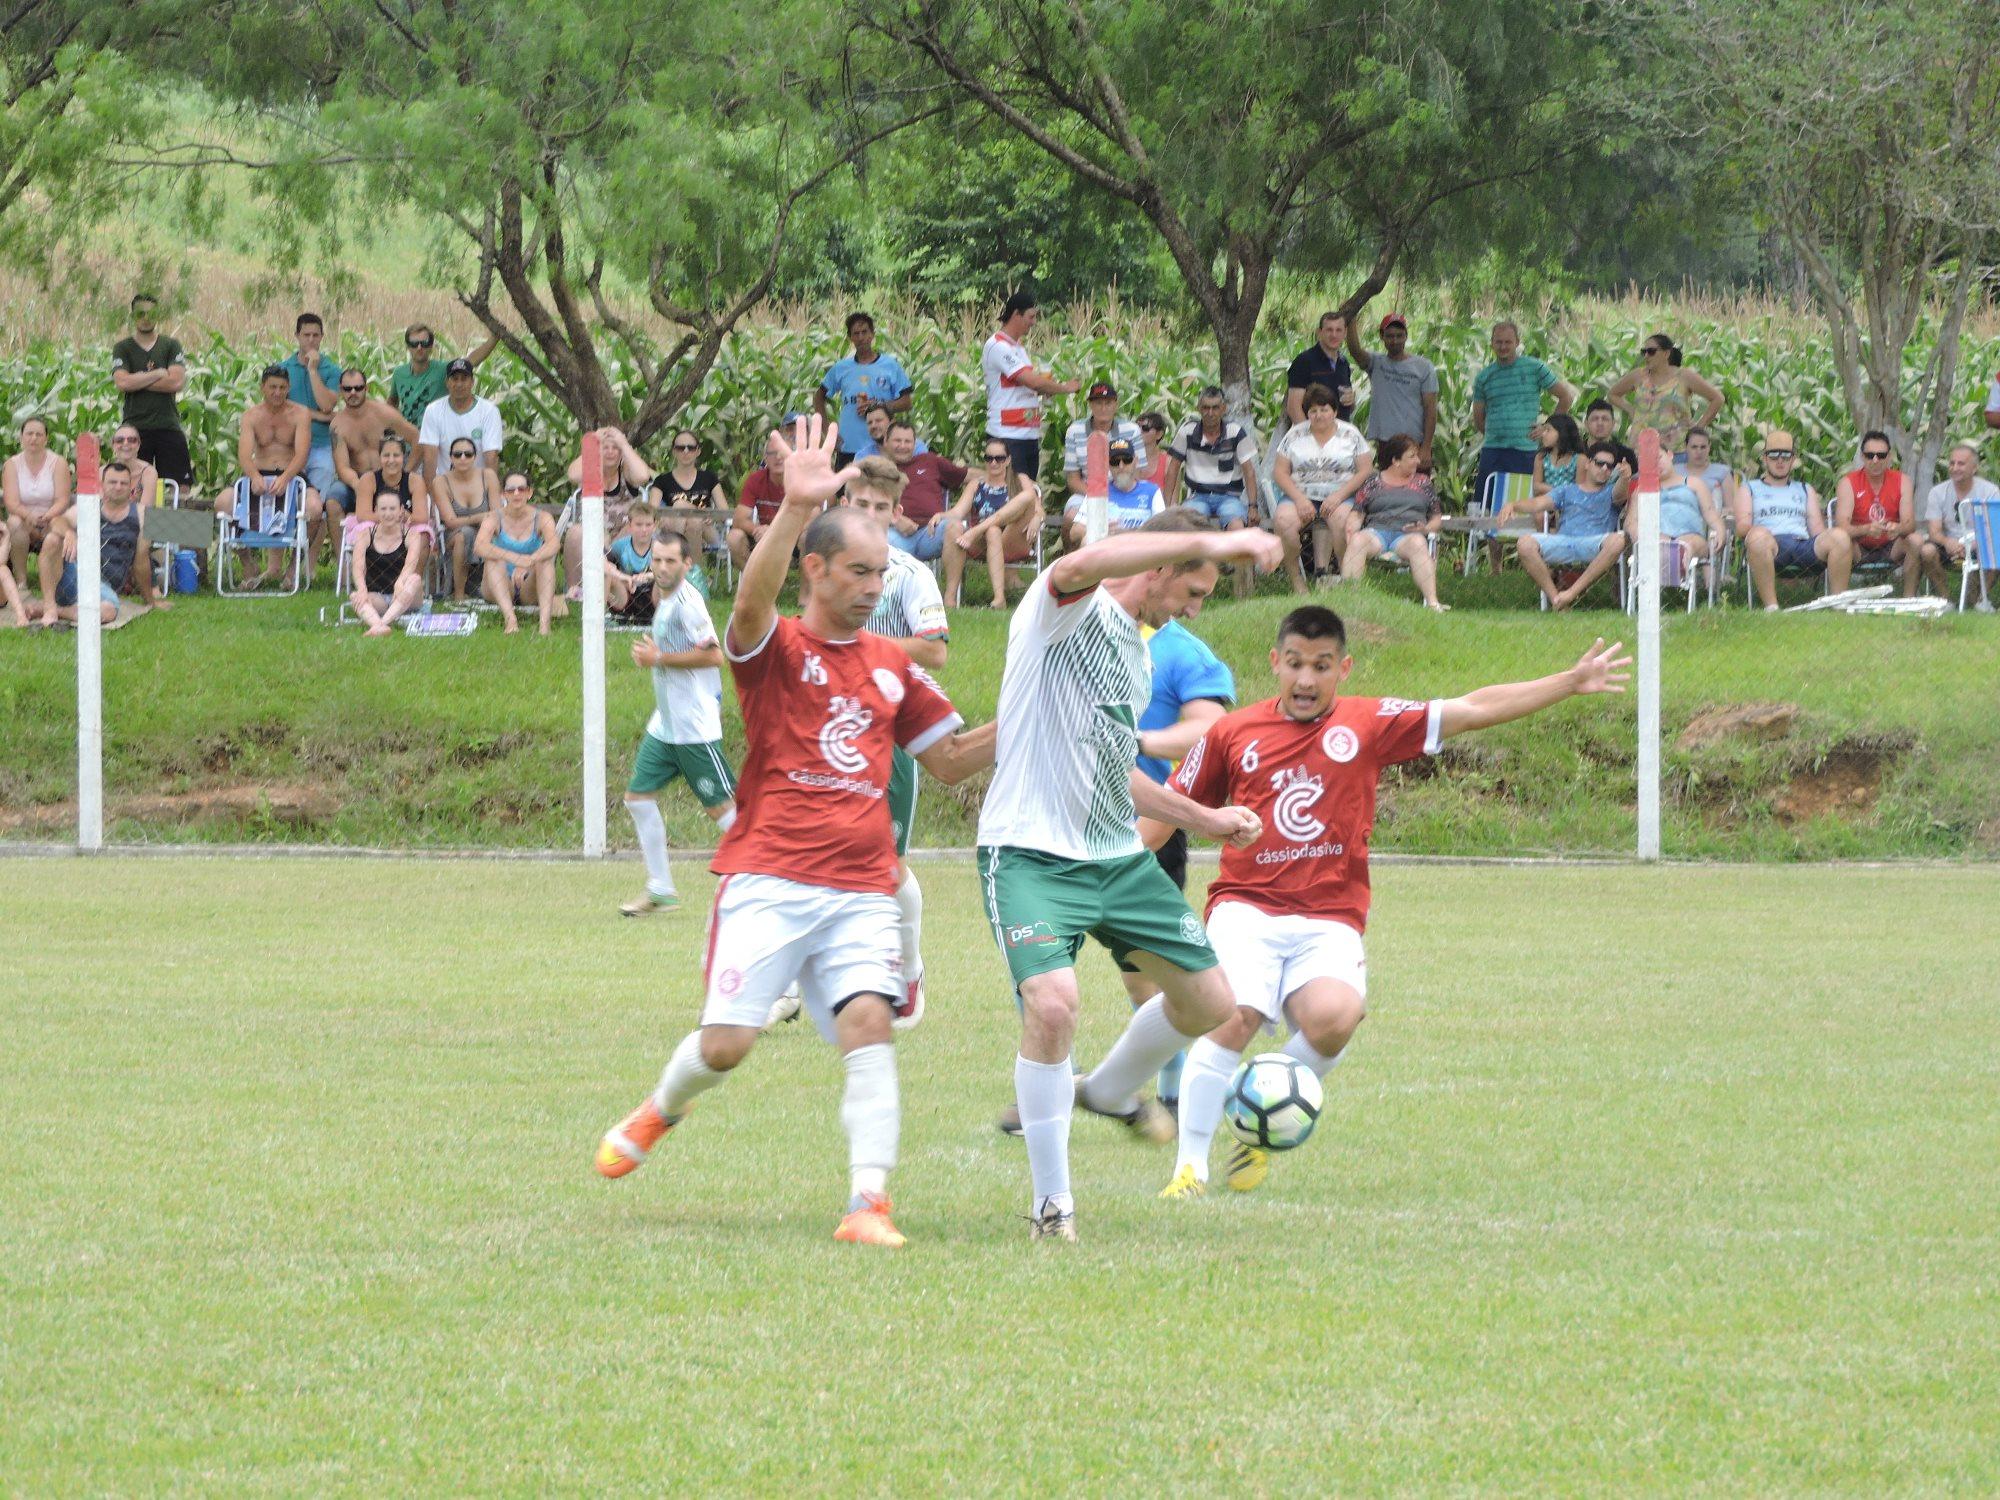 Campeonato Municipal de Futebol de São Miguel do Oeste inicia neste domingo